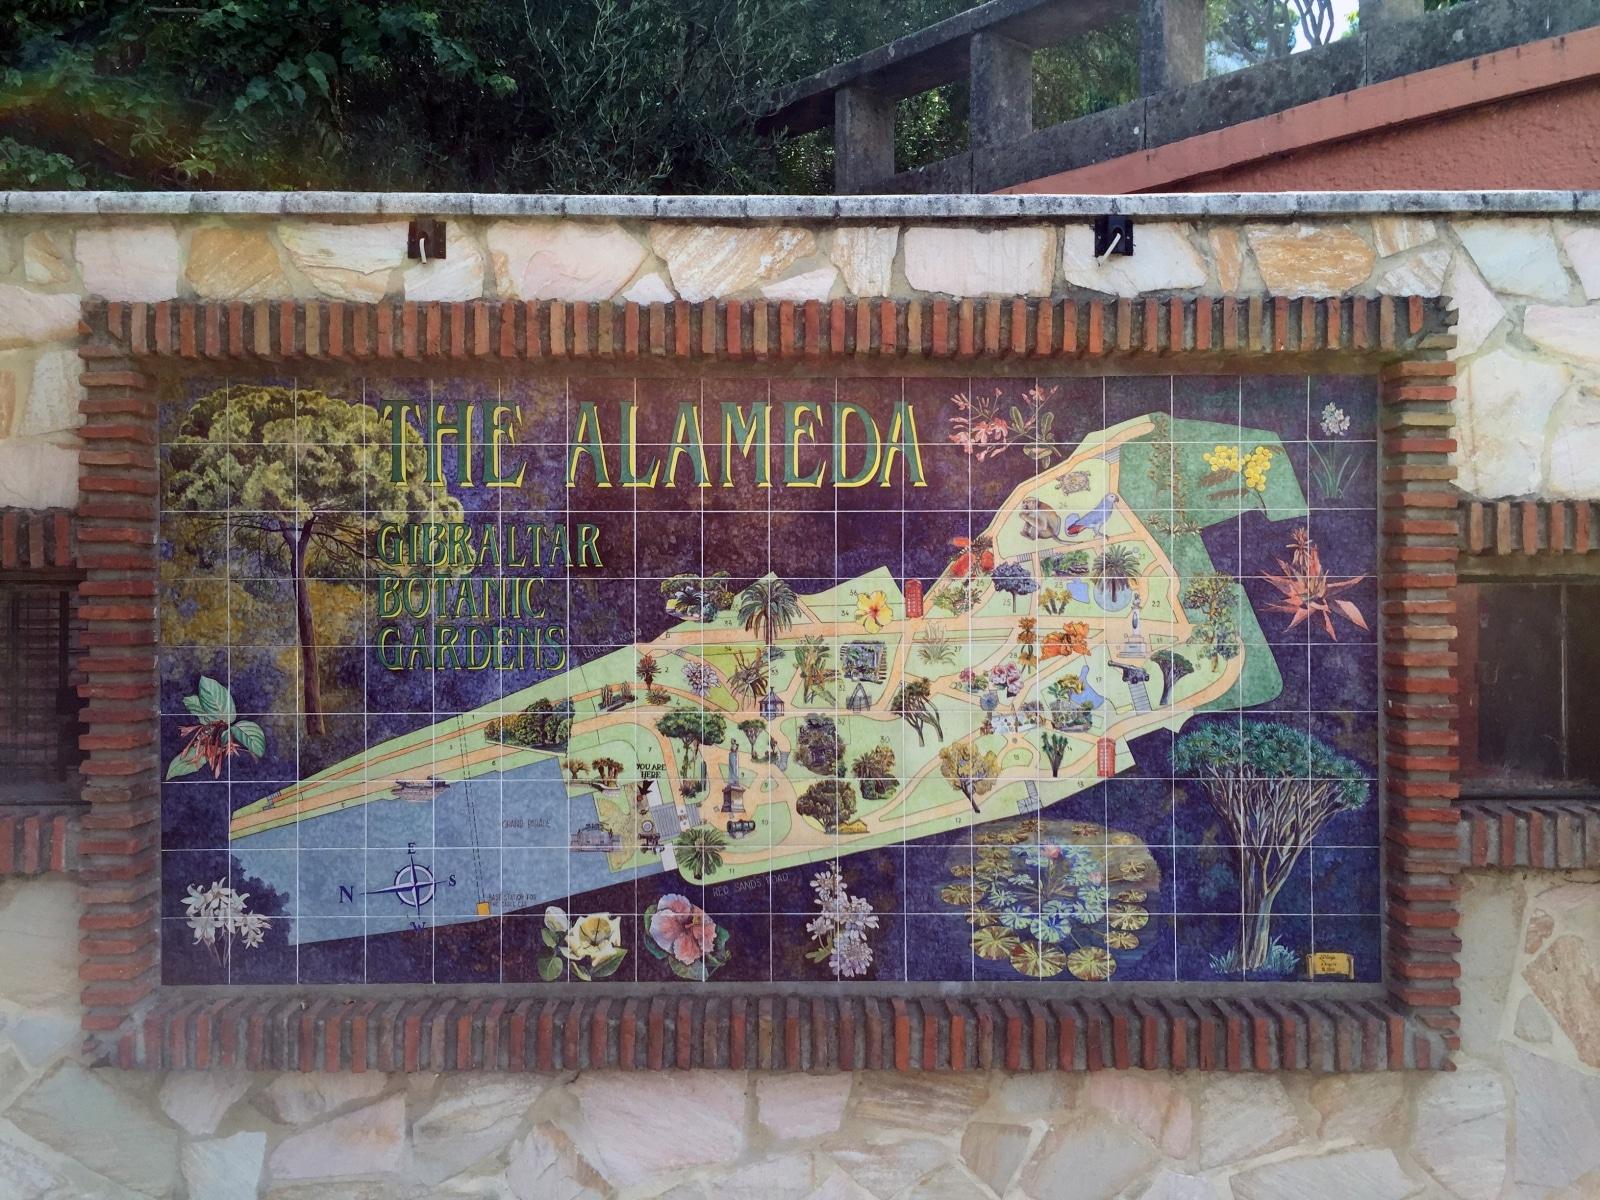 alameda-gardens-18_27855922439_o